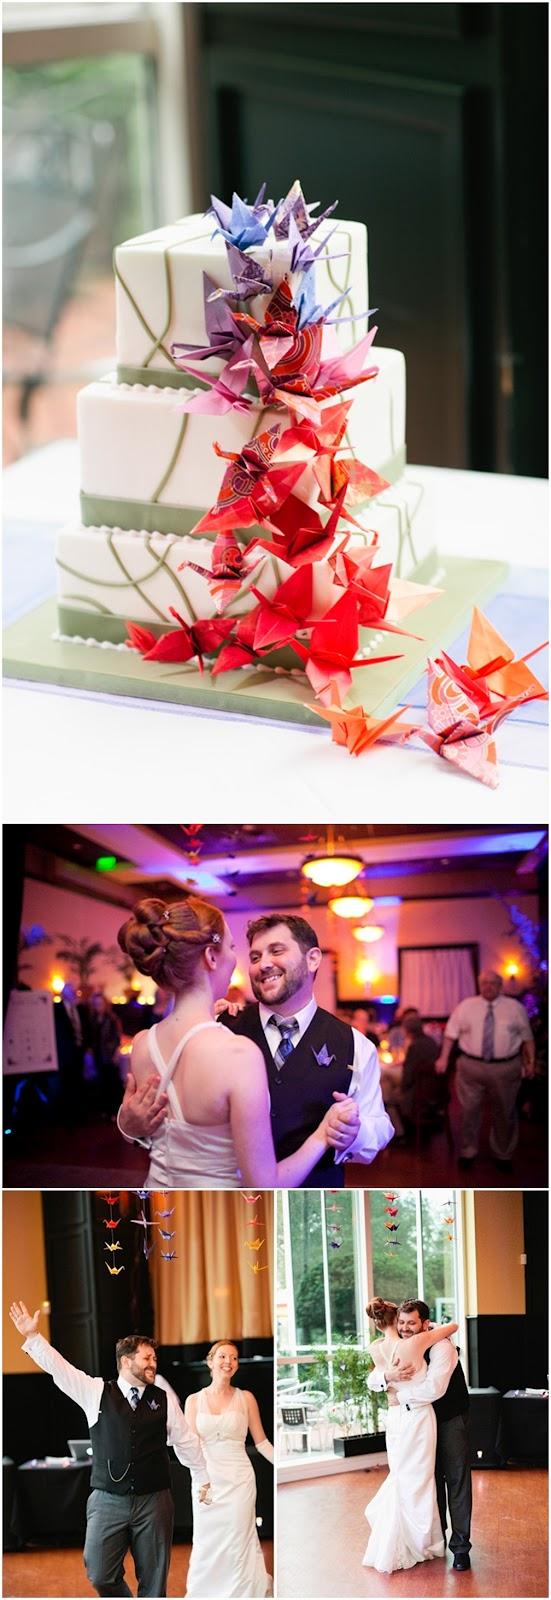 Bolo de casamento decorado com tsurus